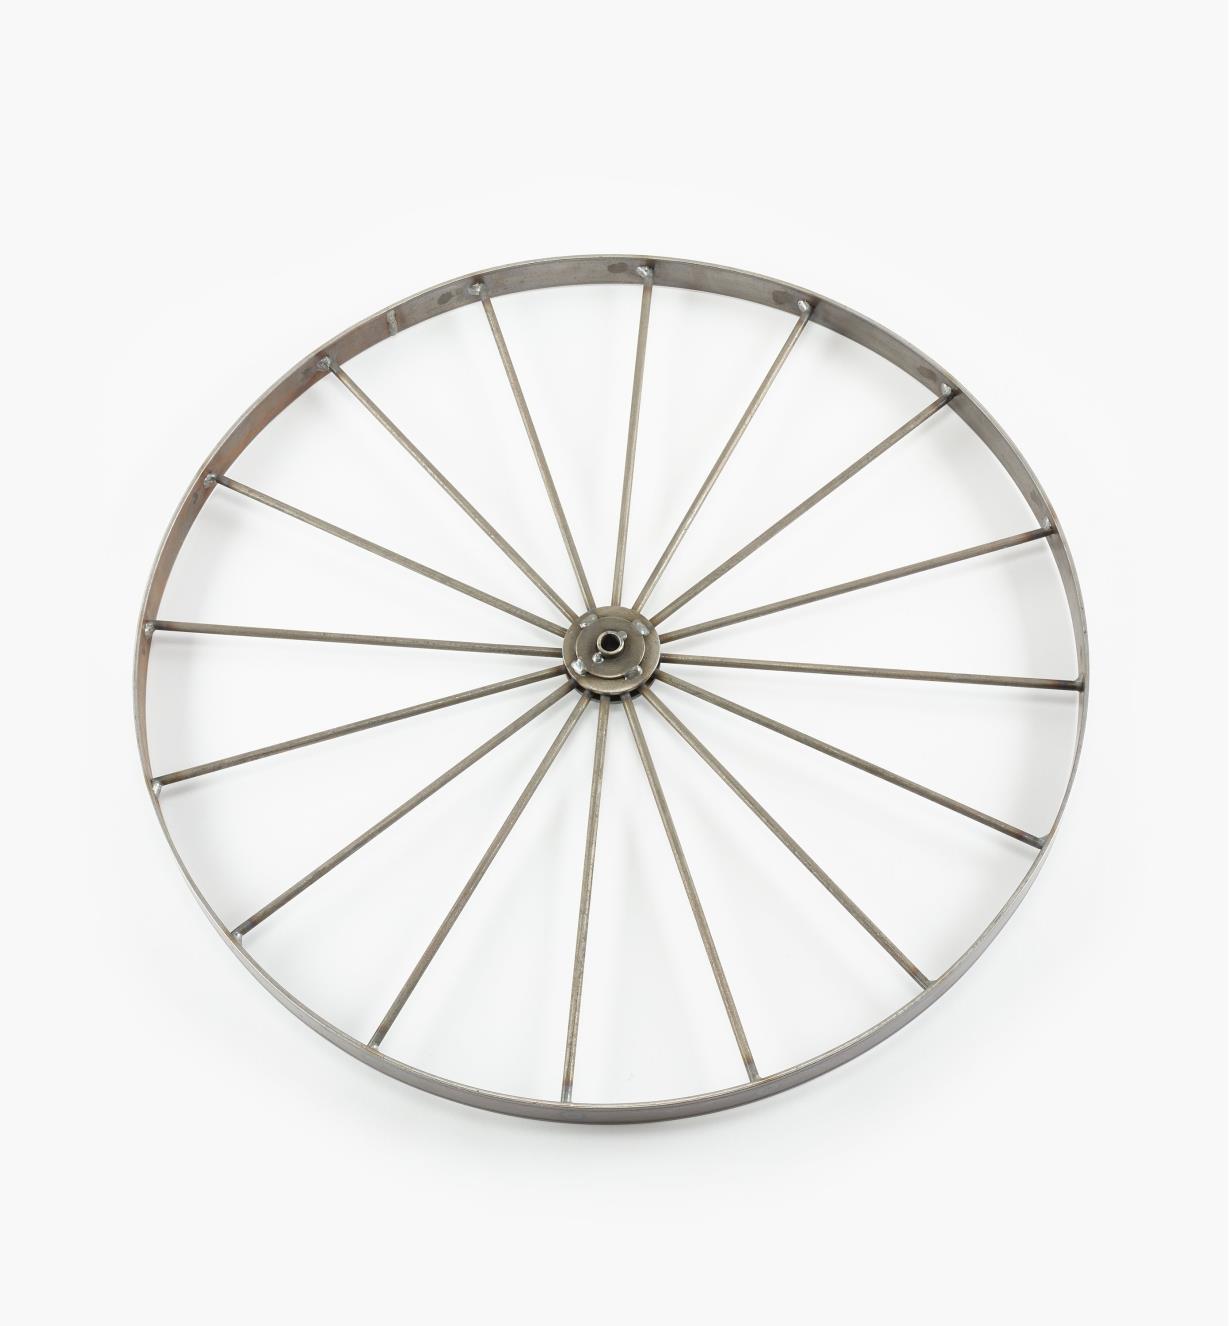 """03K6524 - 24"""" x 1 1/4"""" 16-Spoke Wheel, ea."""